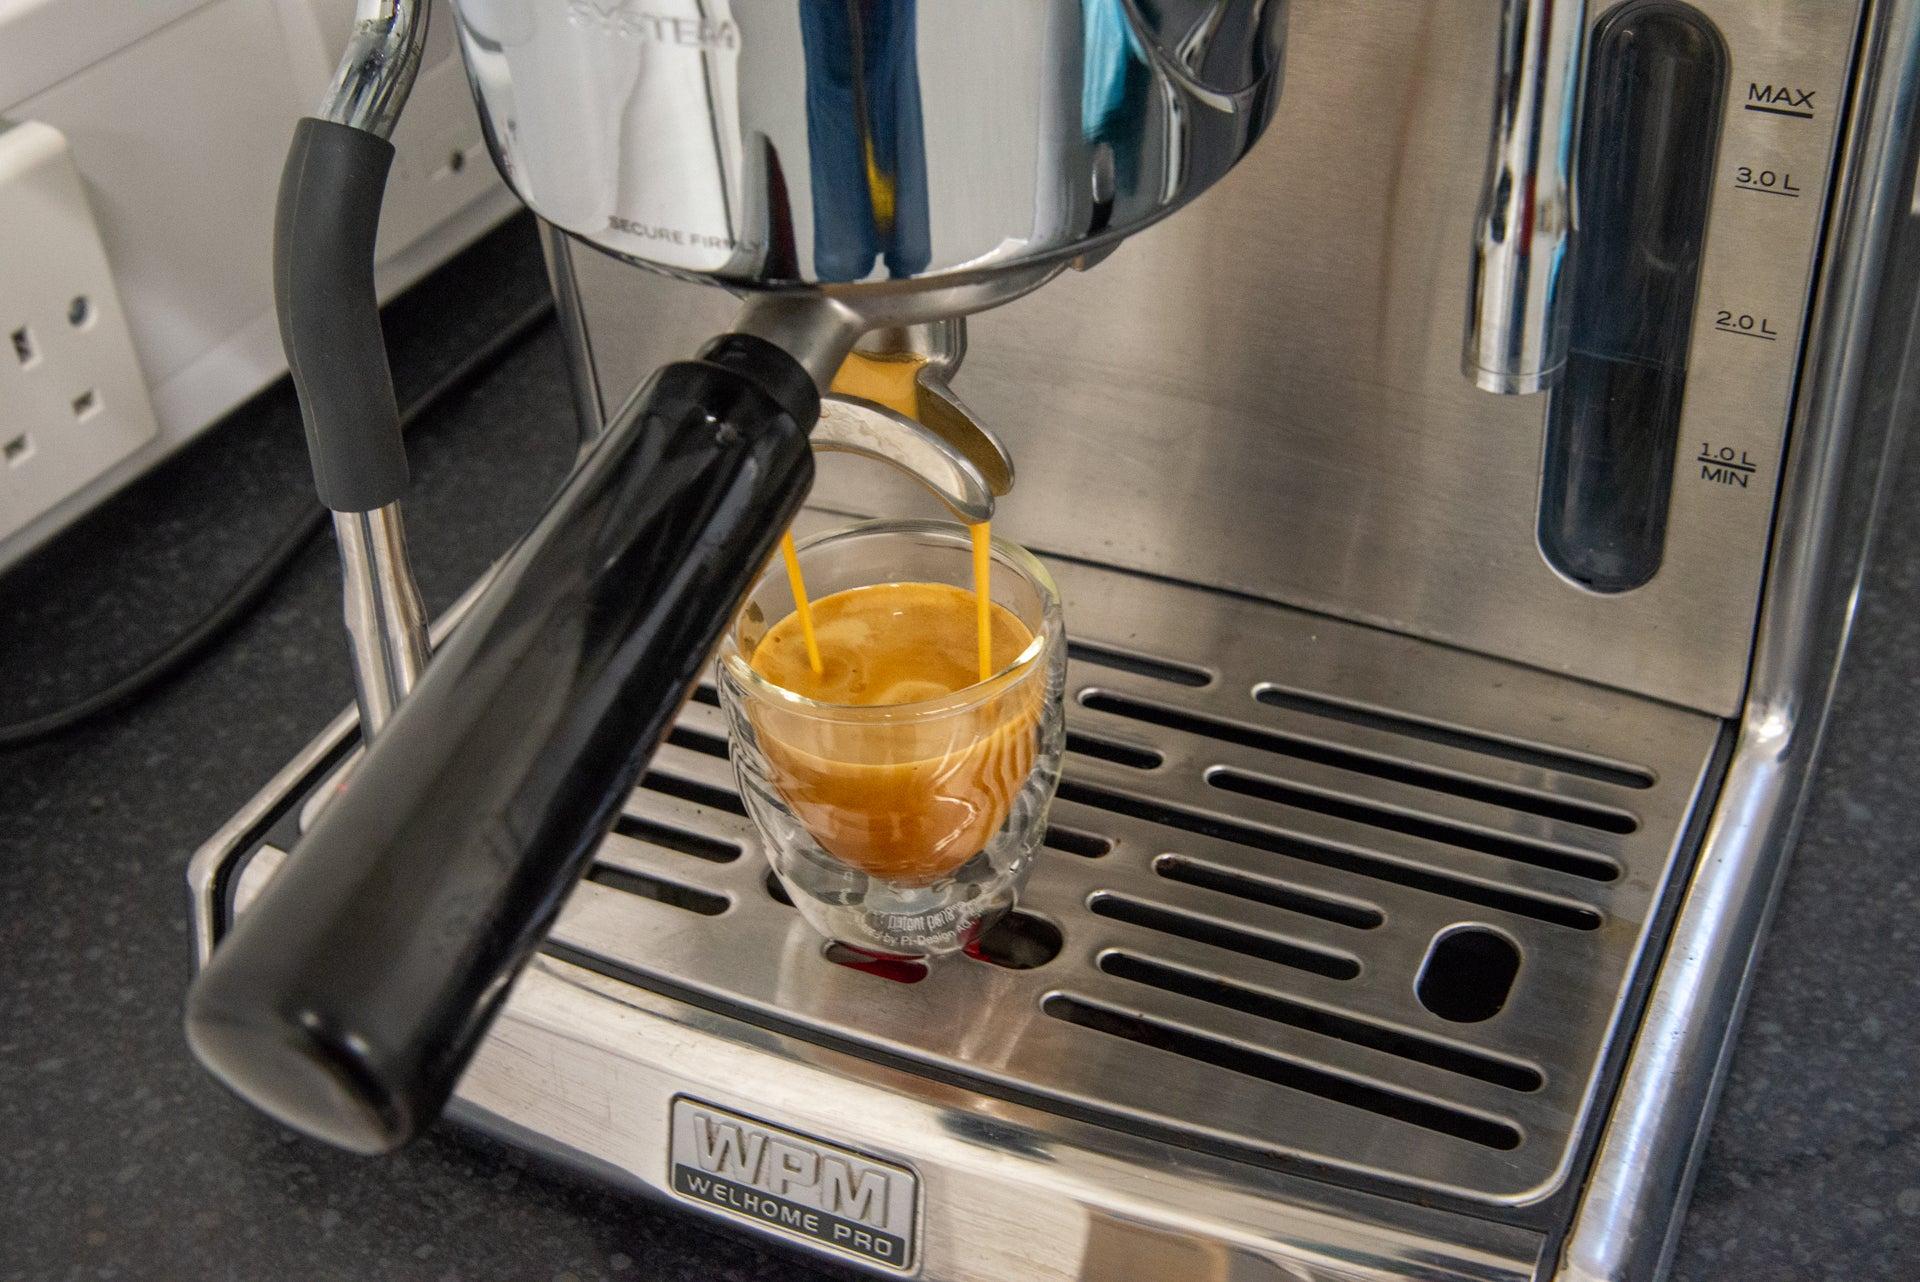 WPM KD-270S pouring espresso